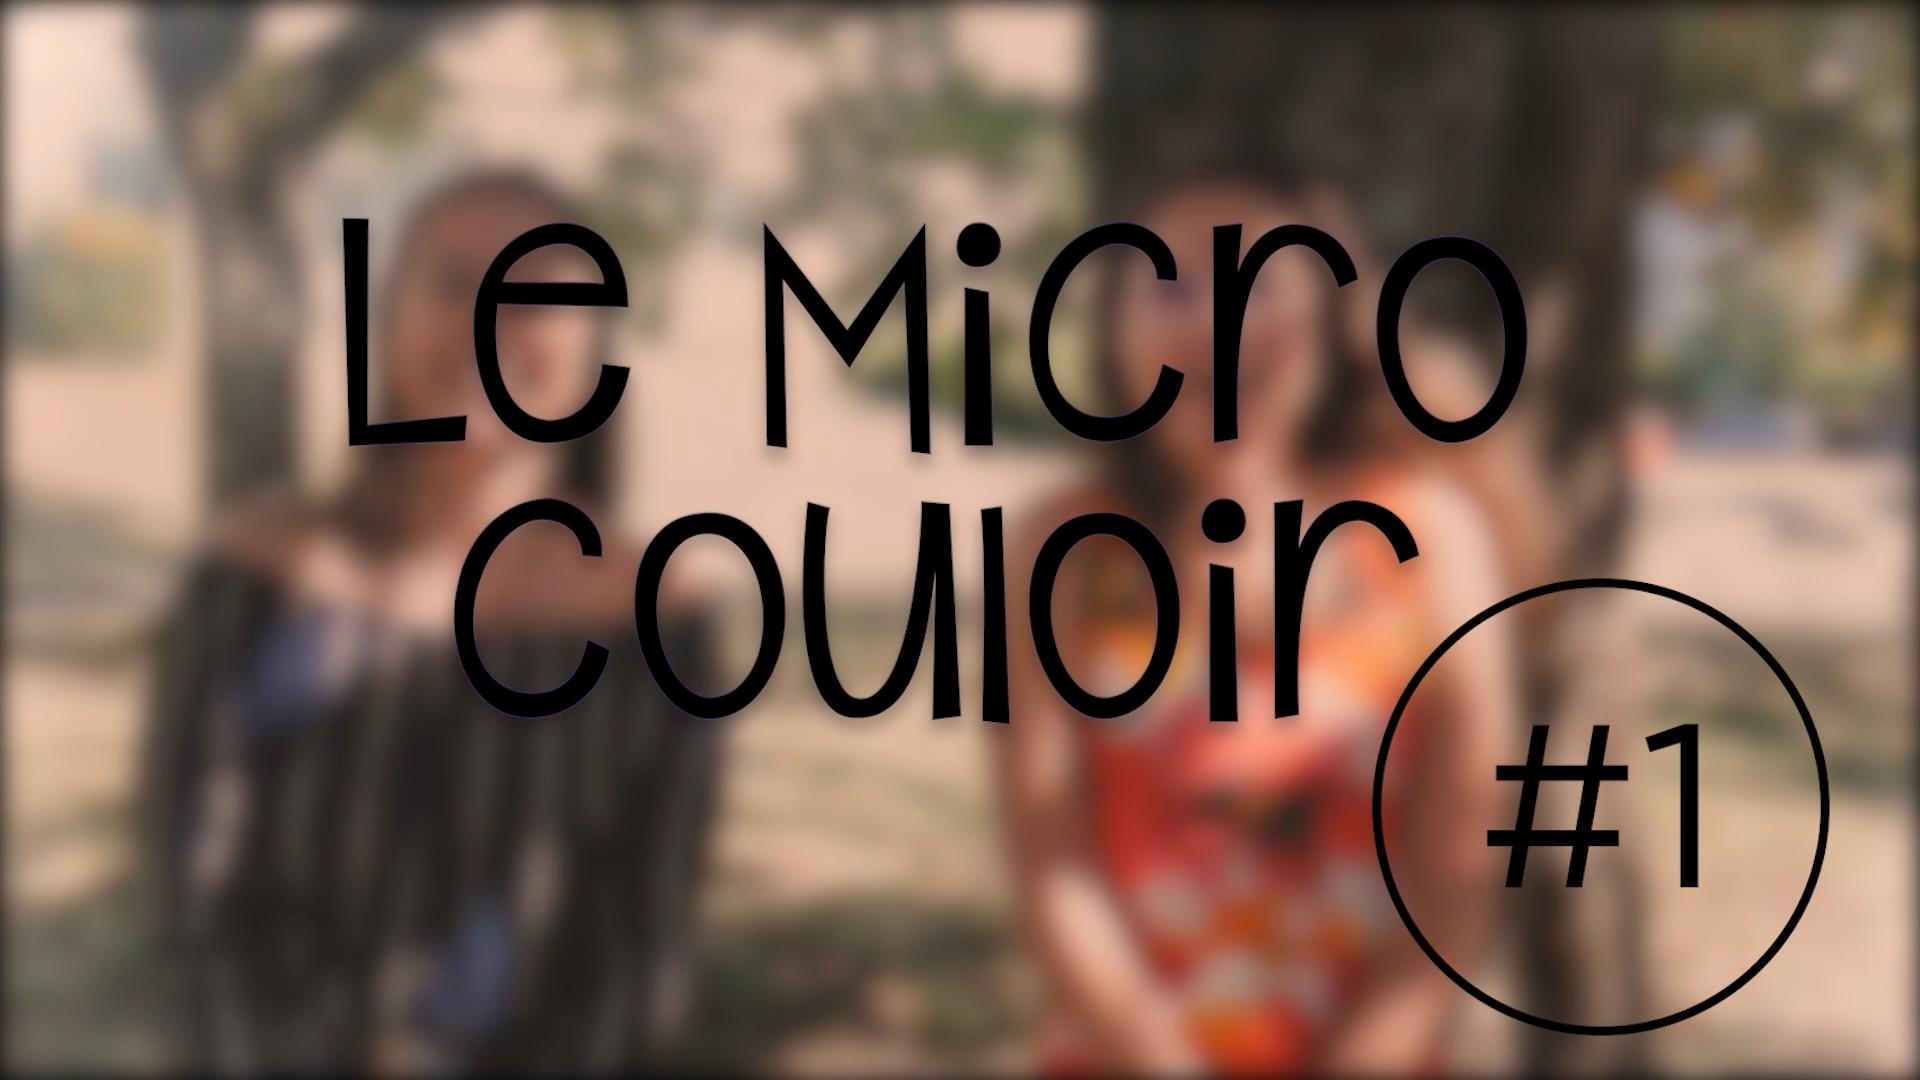 Micro Couloir #1